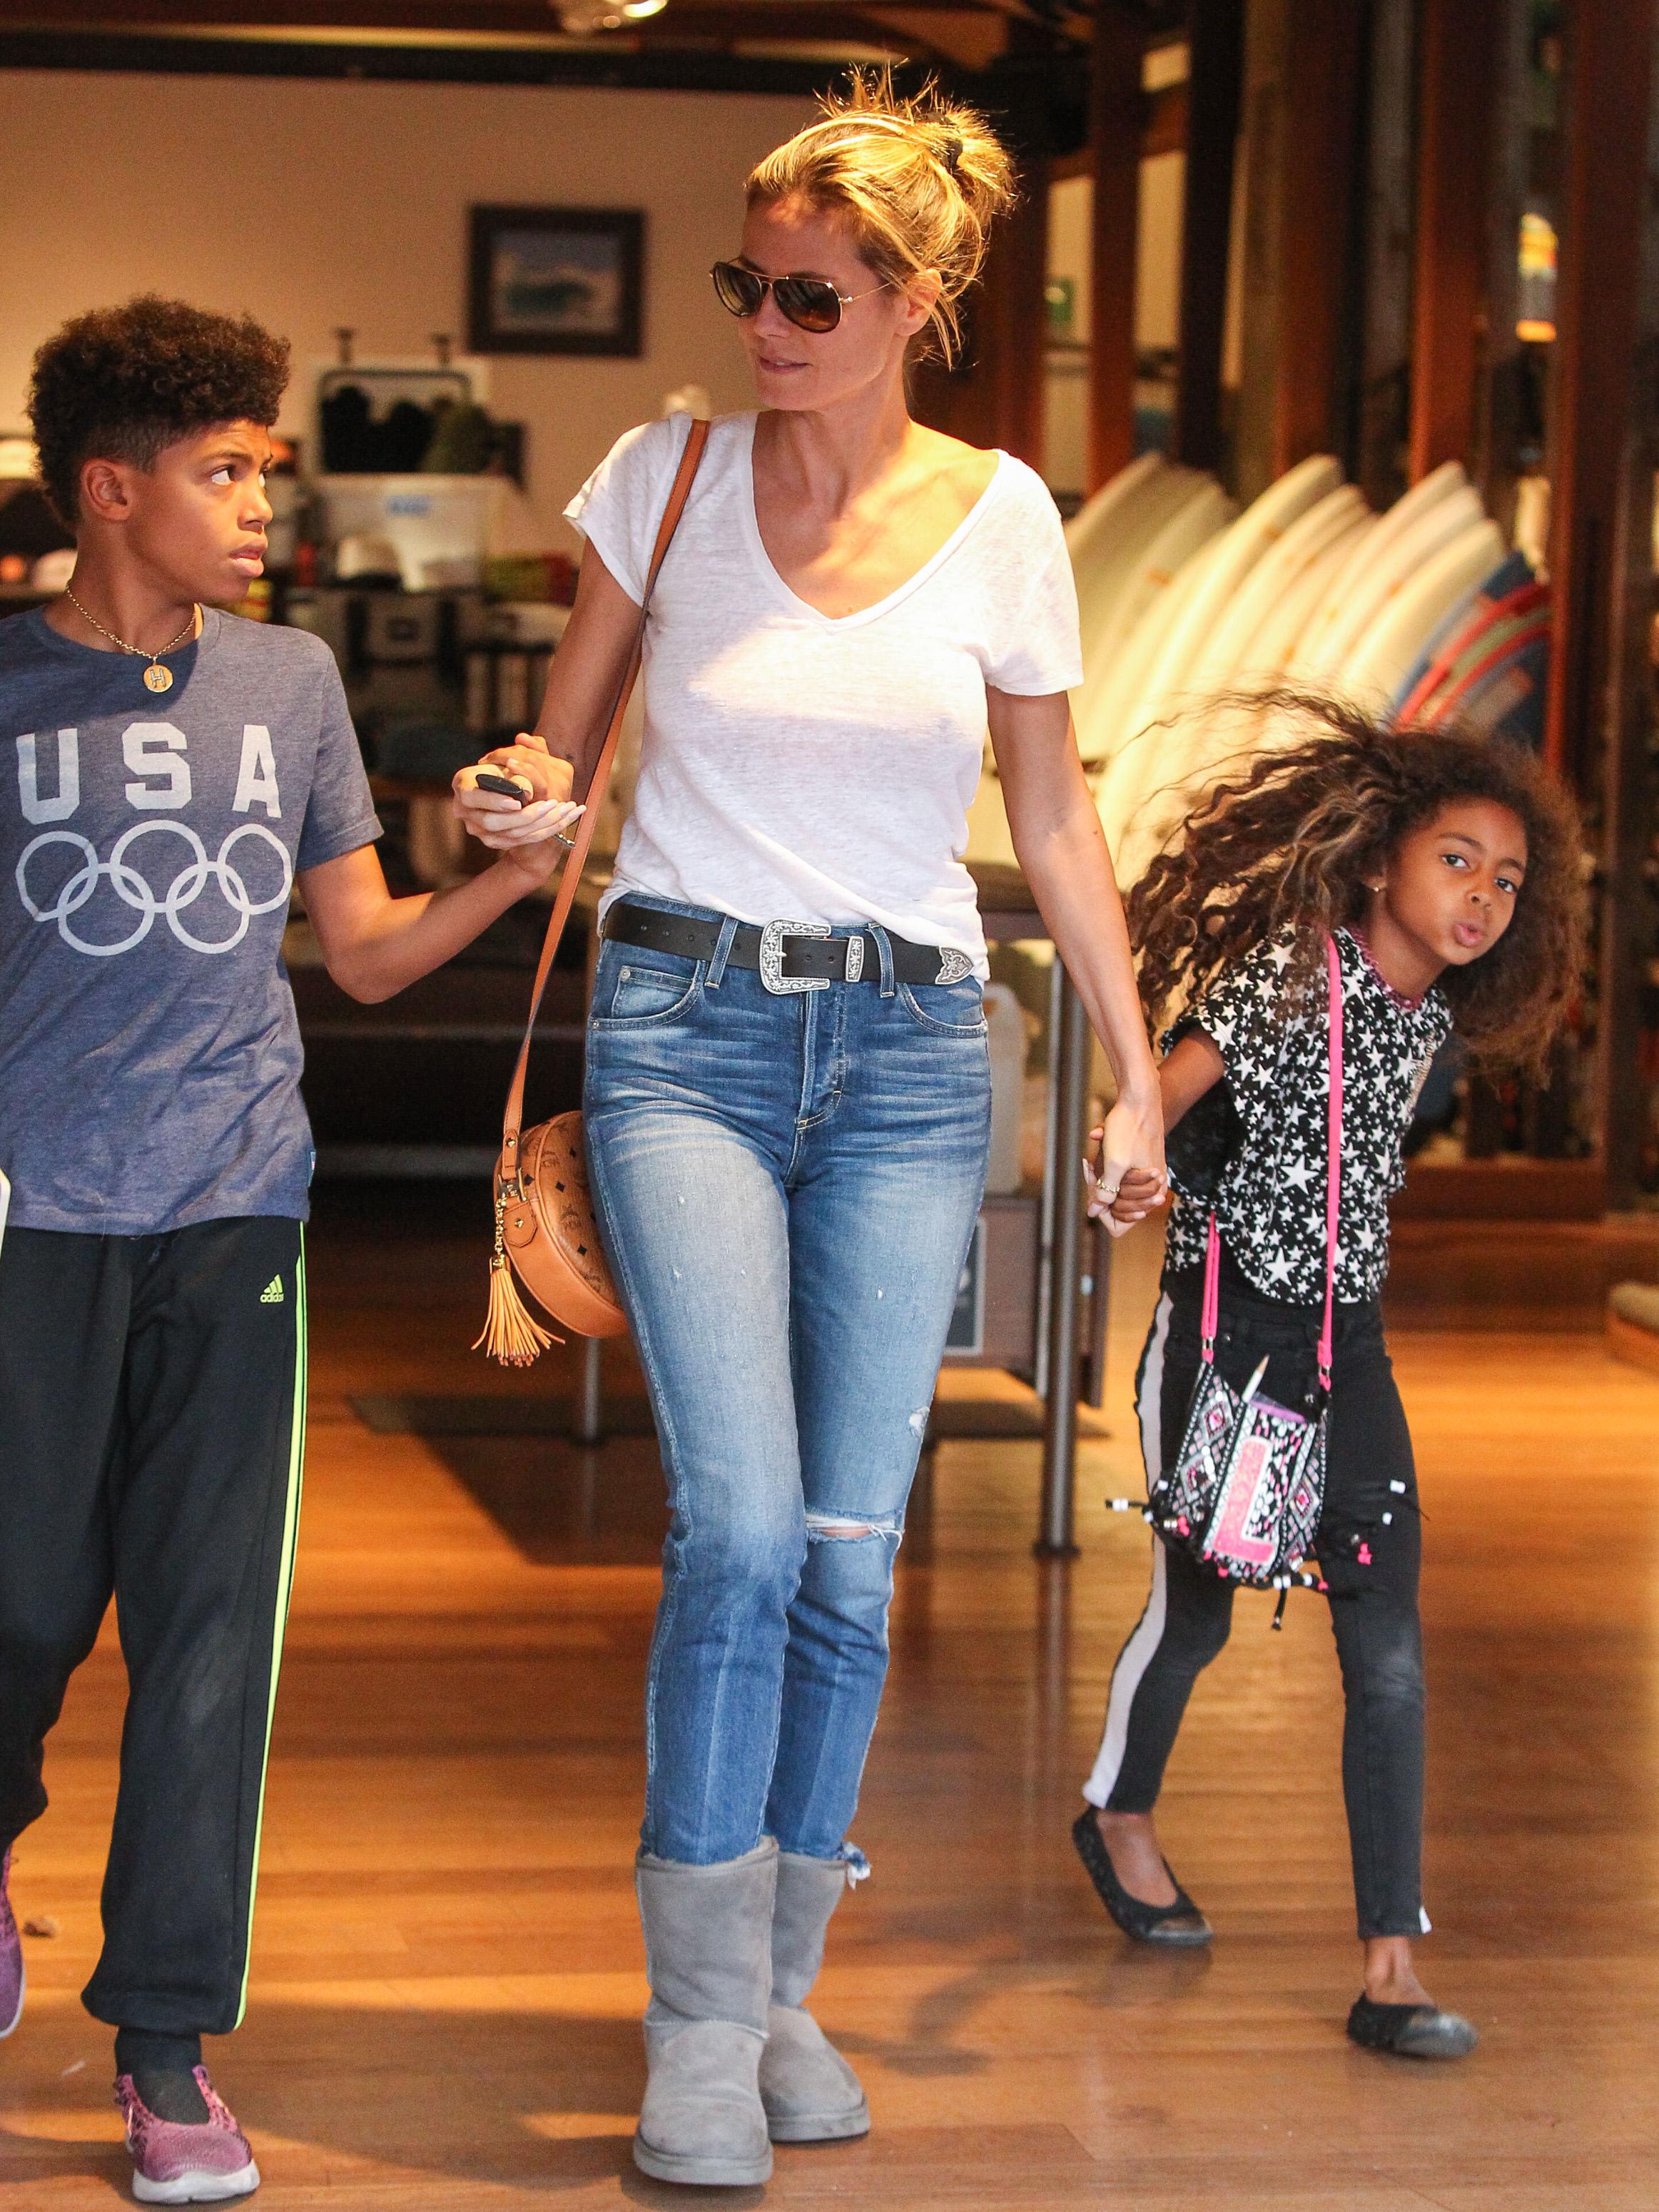 Heidi Klum and Seal seen shopping